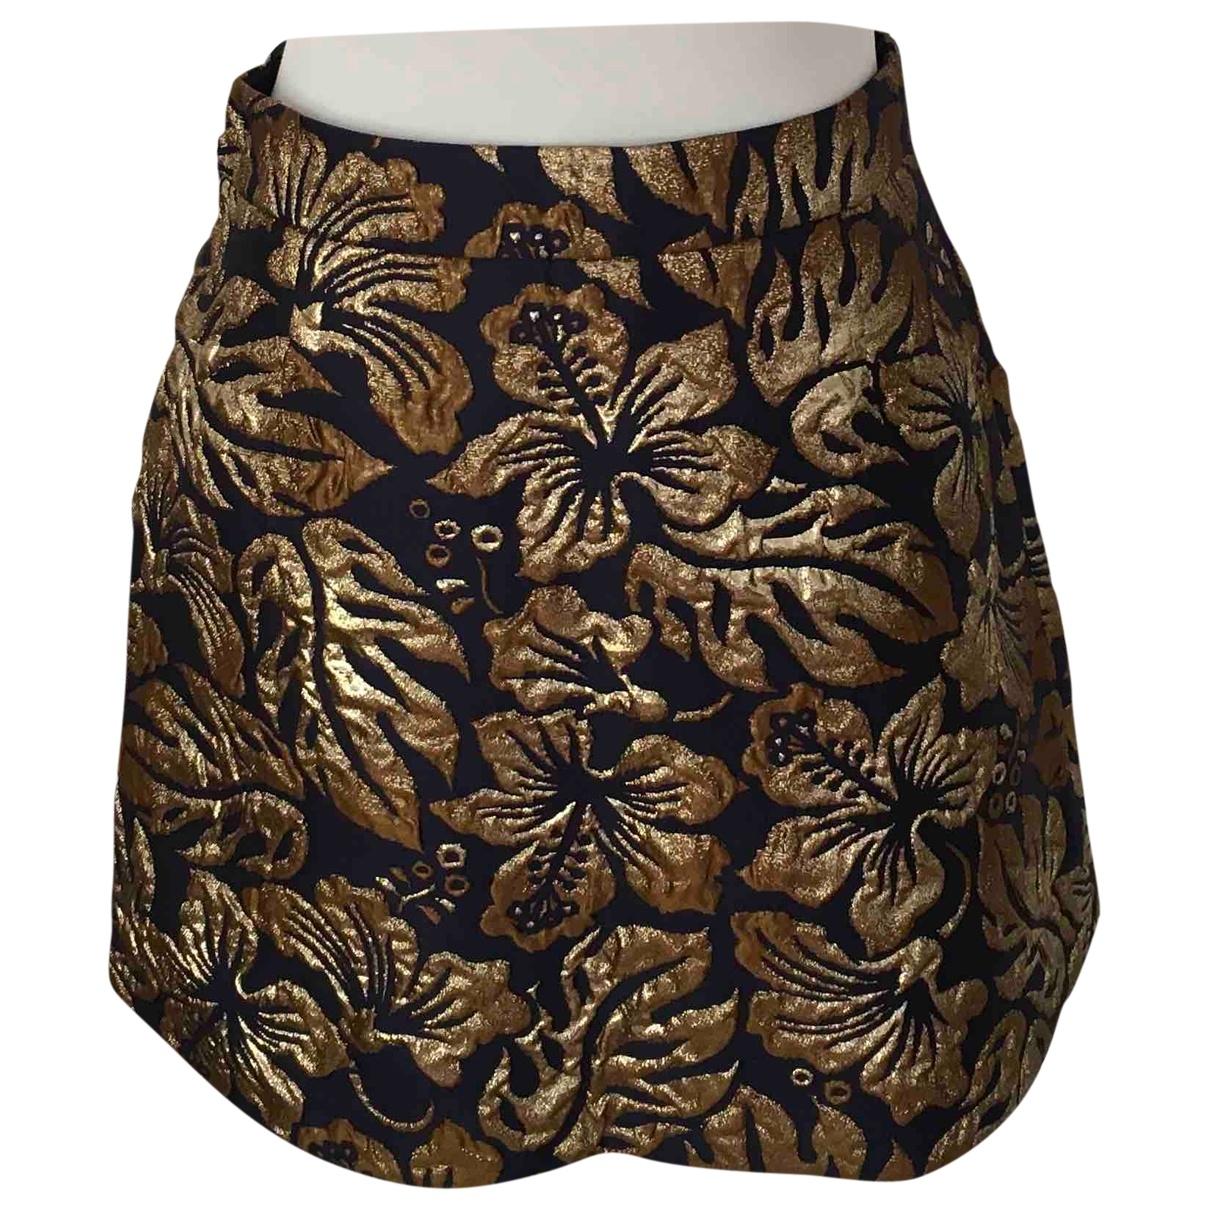 Prada \N Multicolour skirt for Women 40 IT